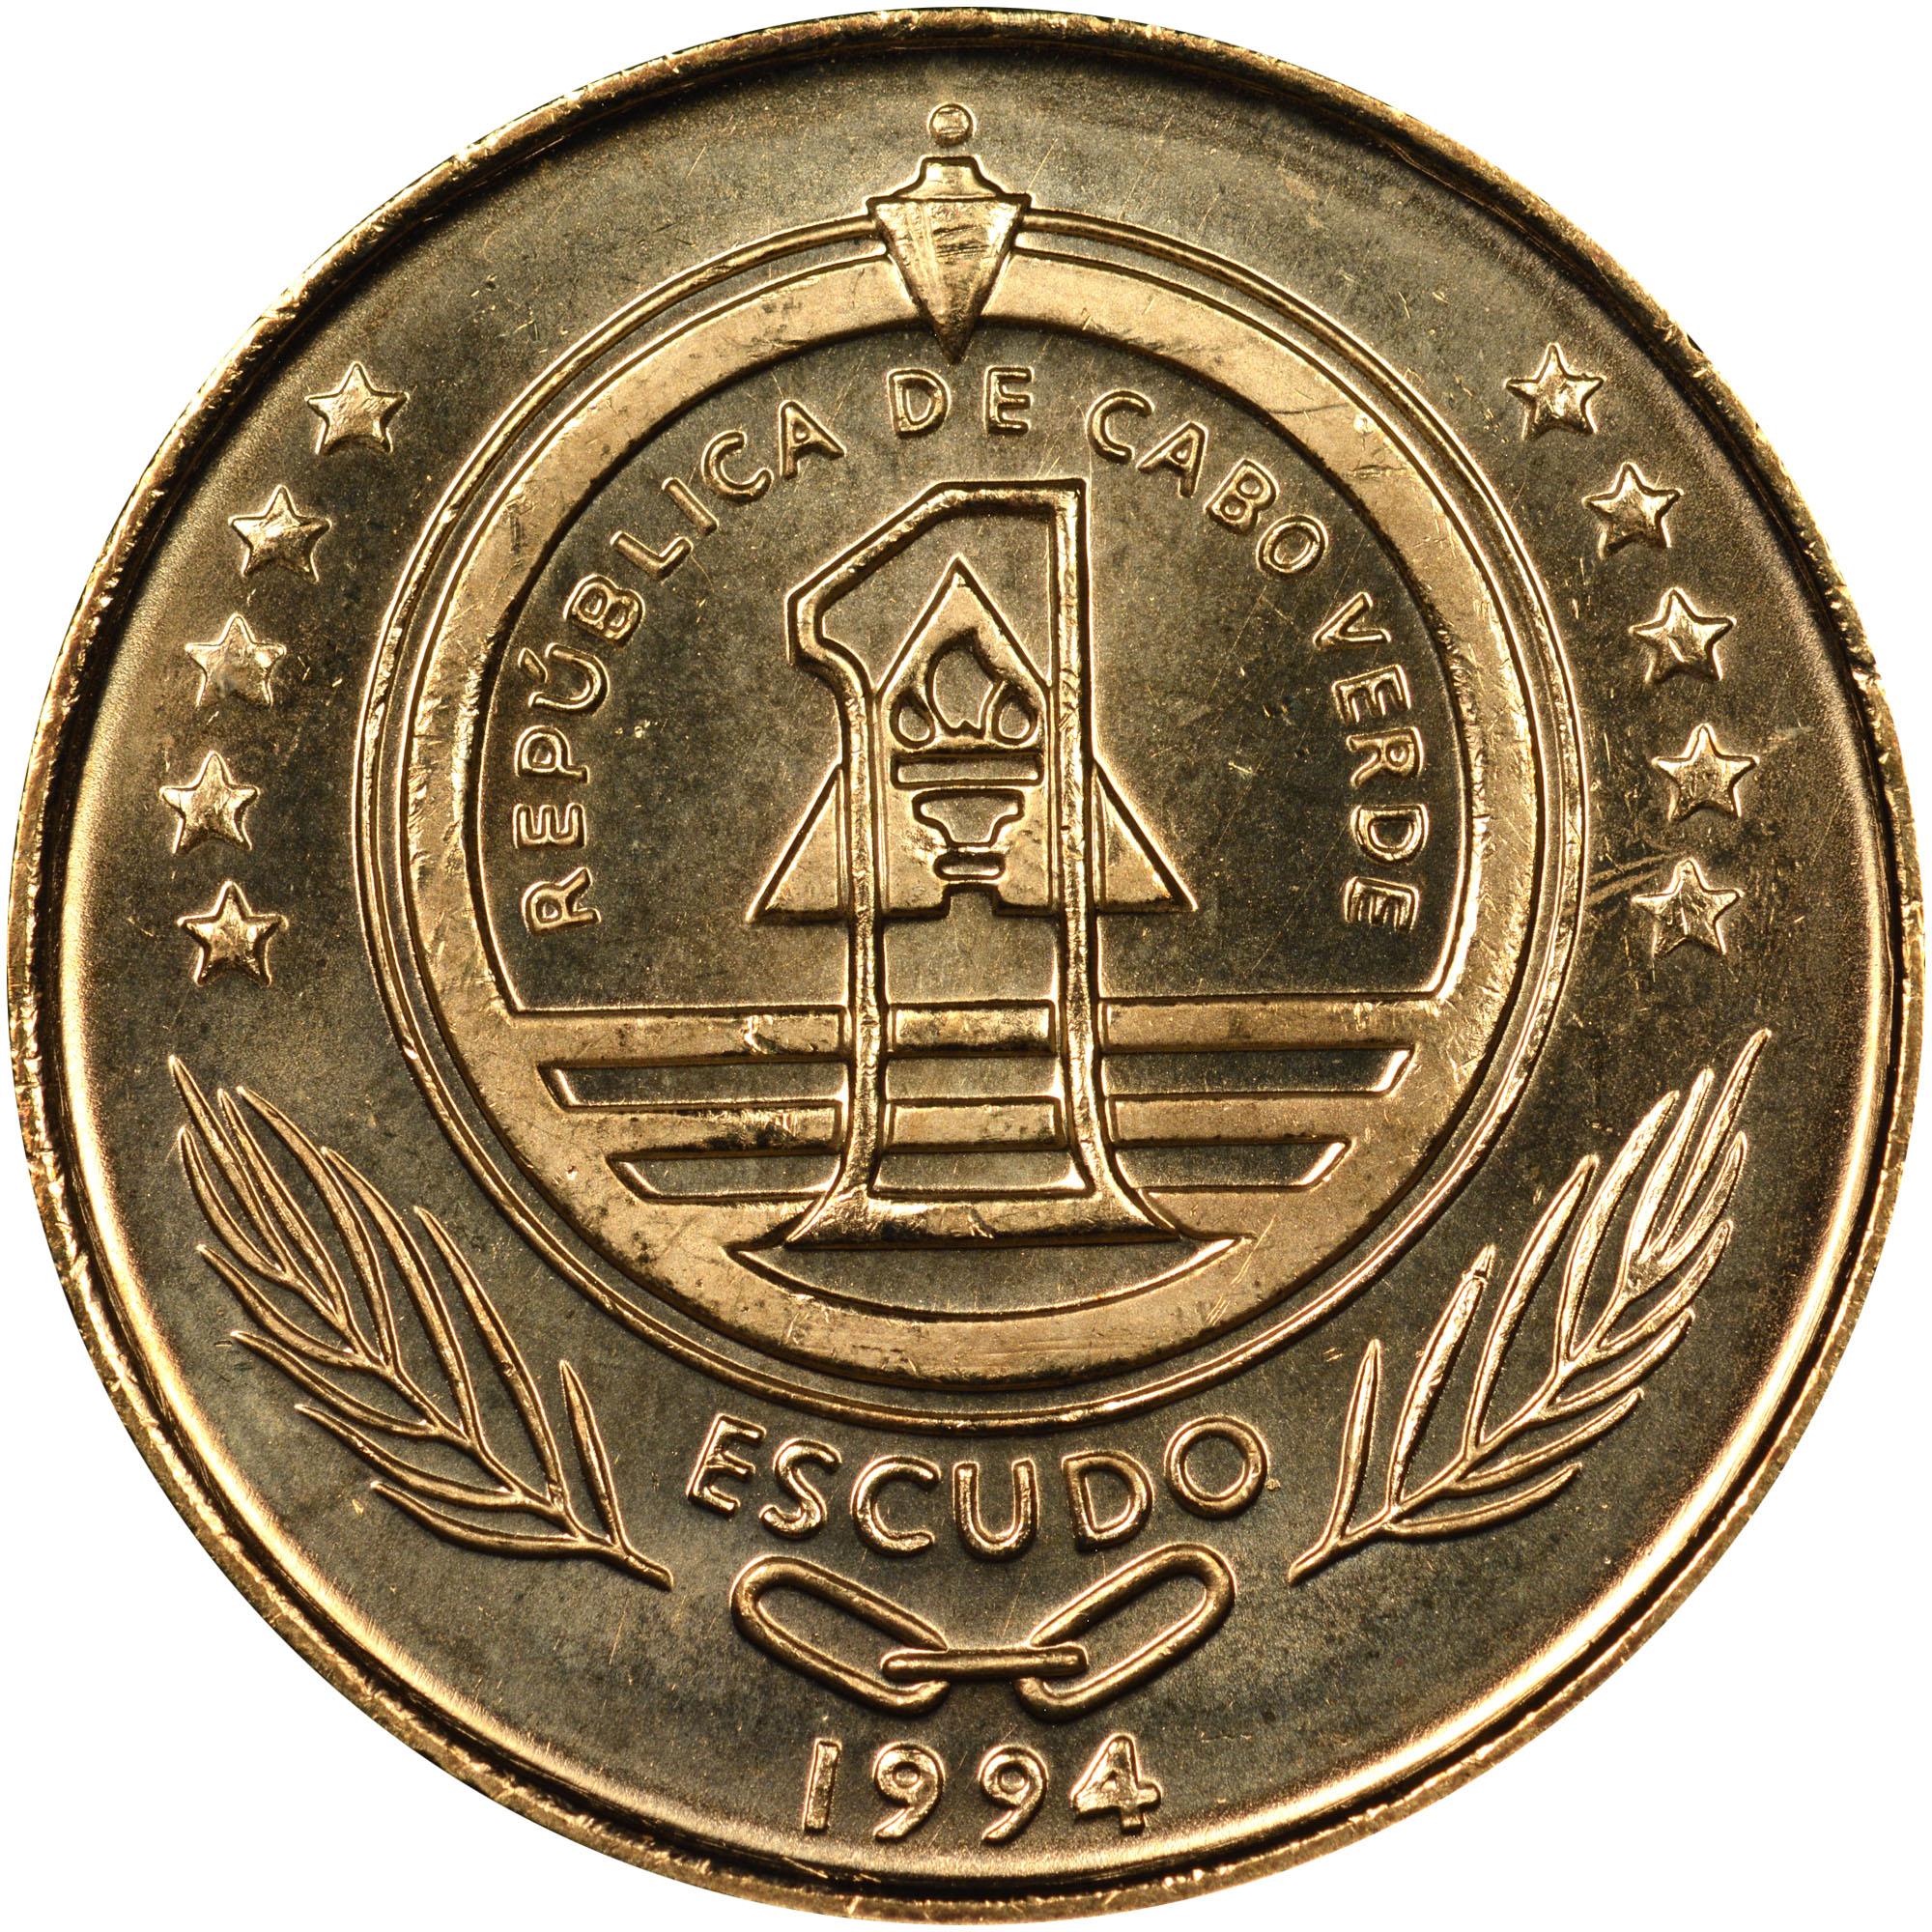 1994 Cape Verde Escudo obverse